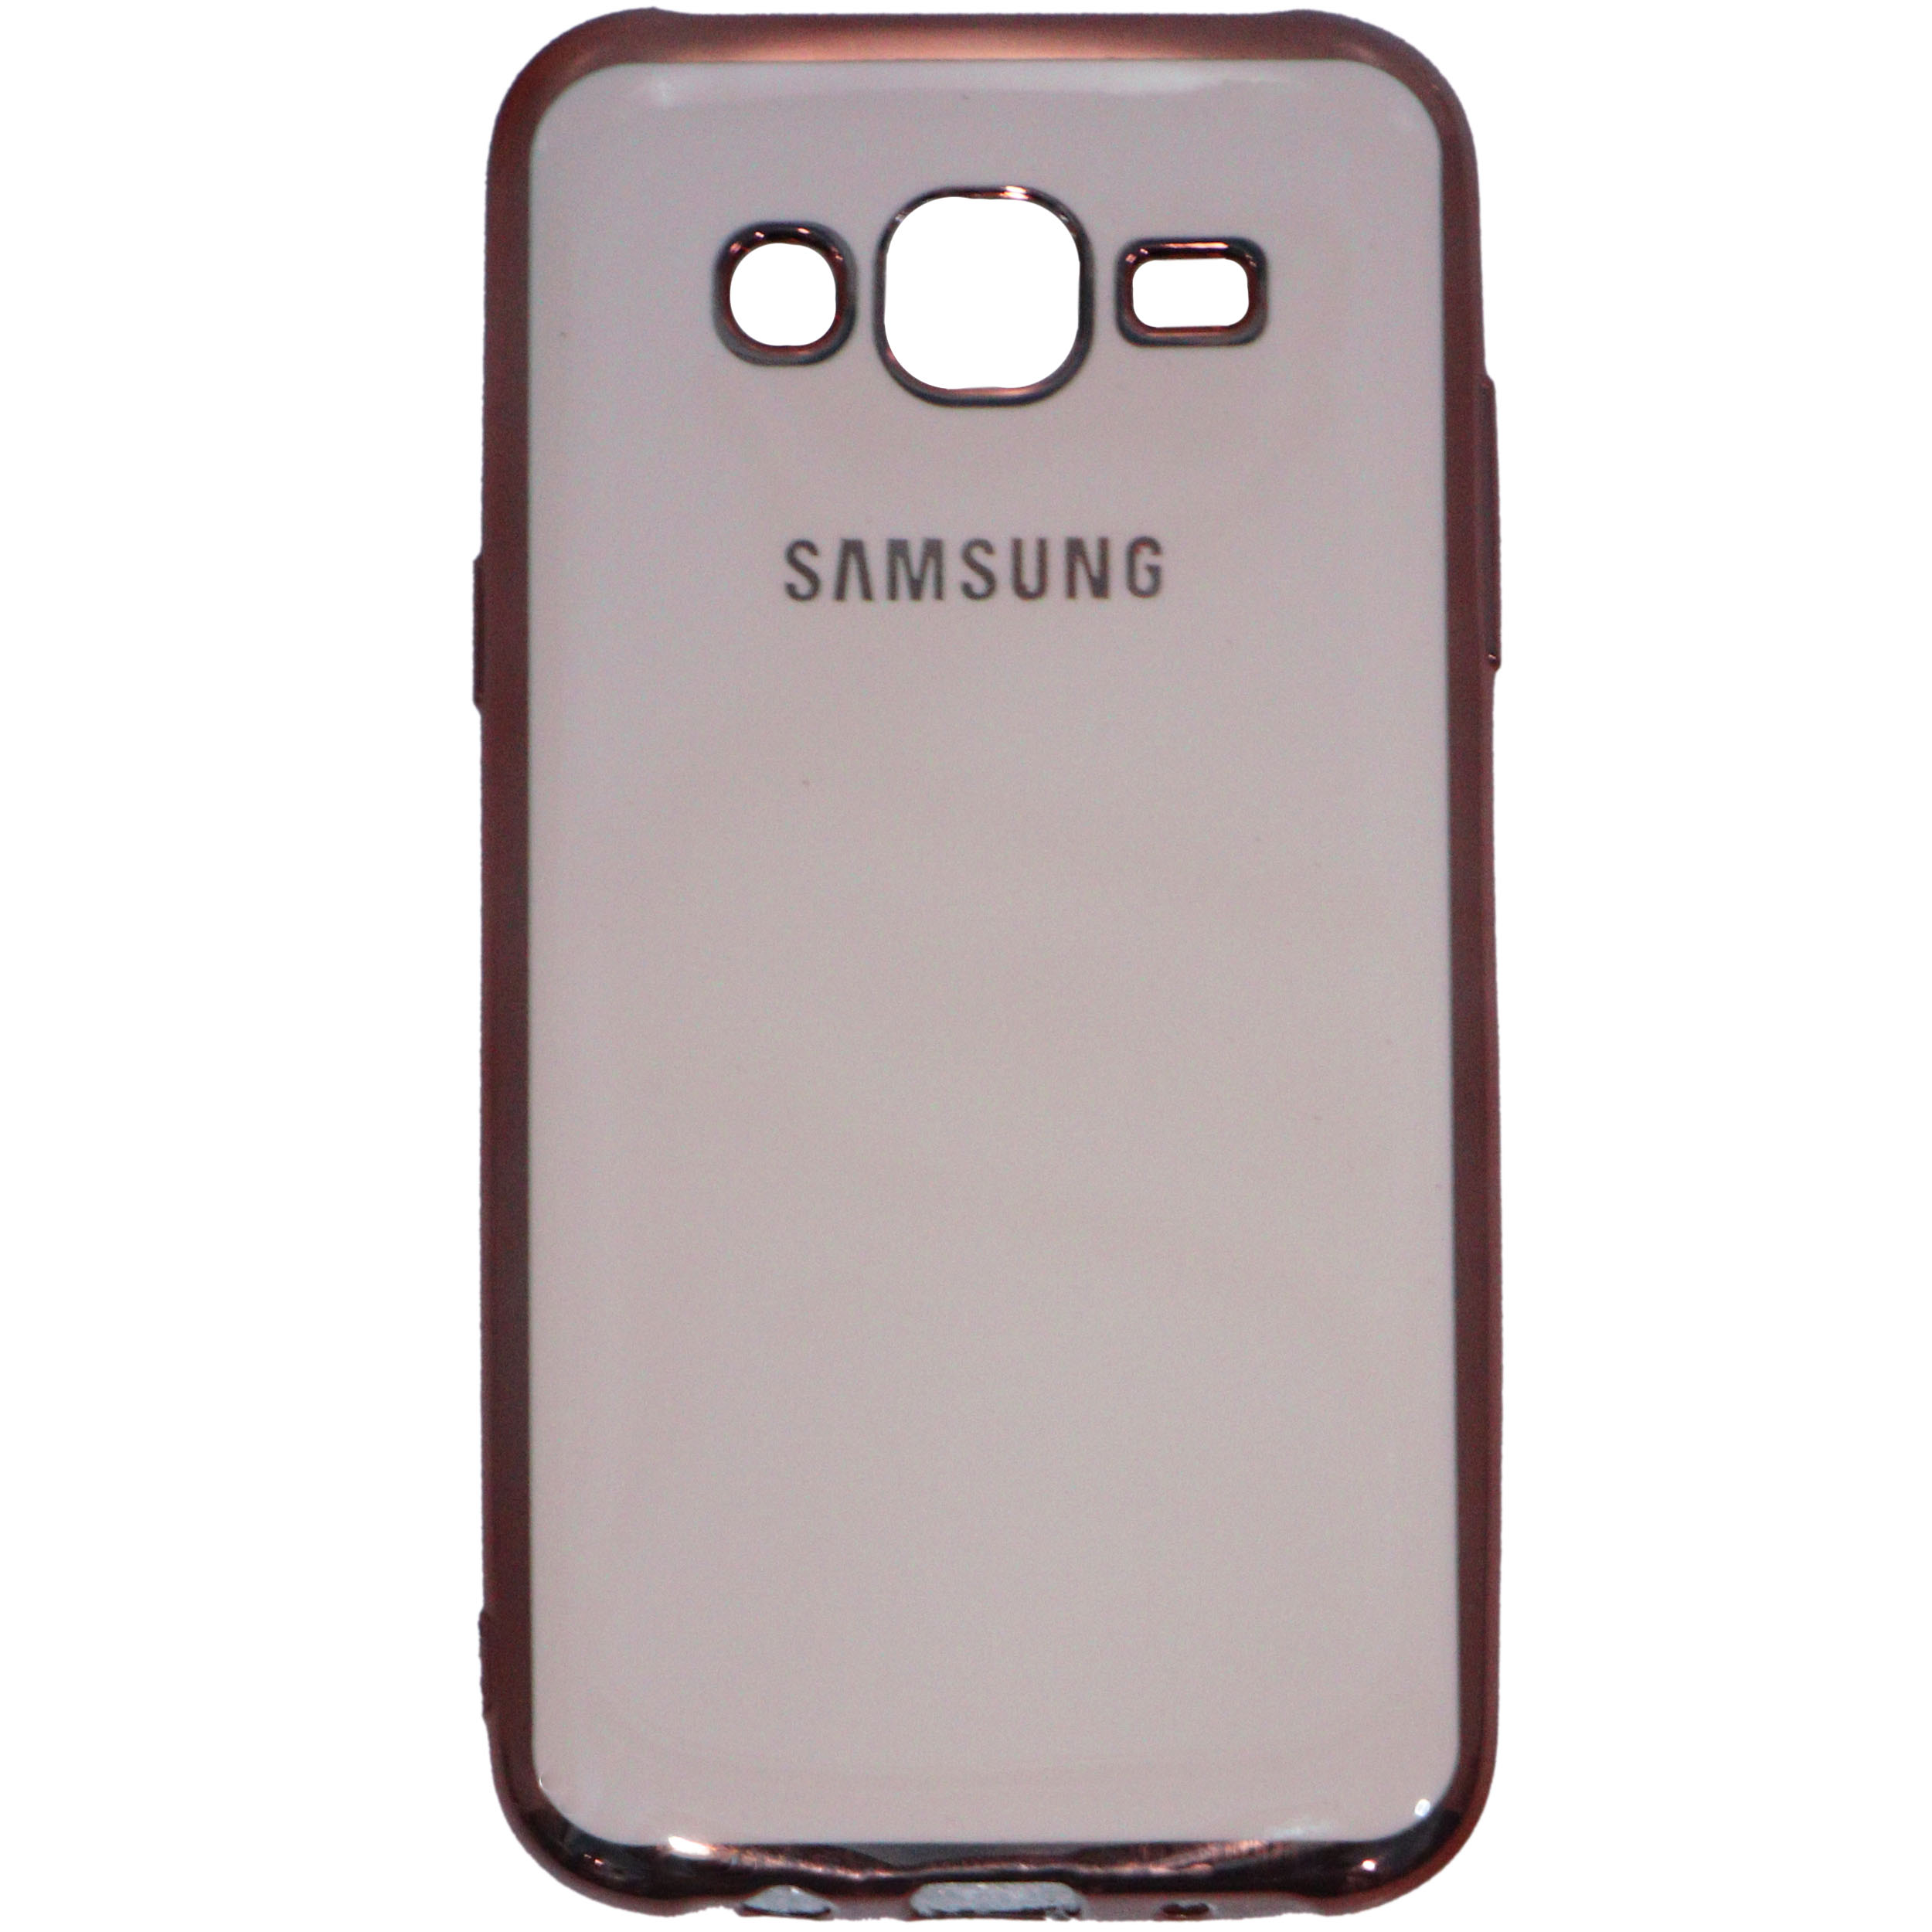 کاور مدل y9 مناسب برای گوشی موبایل سامسونگ Galaxy j7 2015              ( قیمت و خرید)